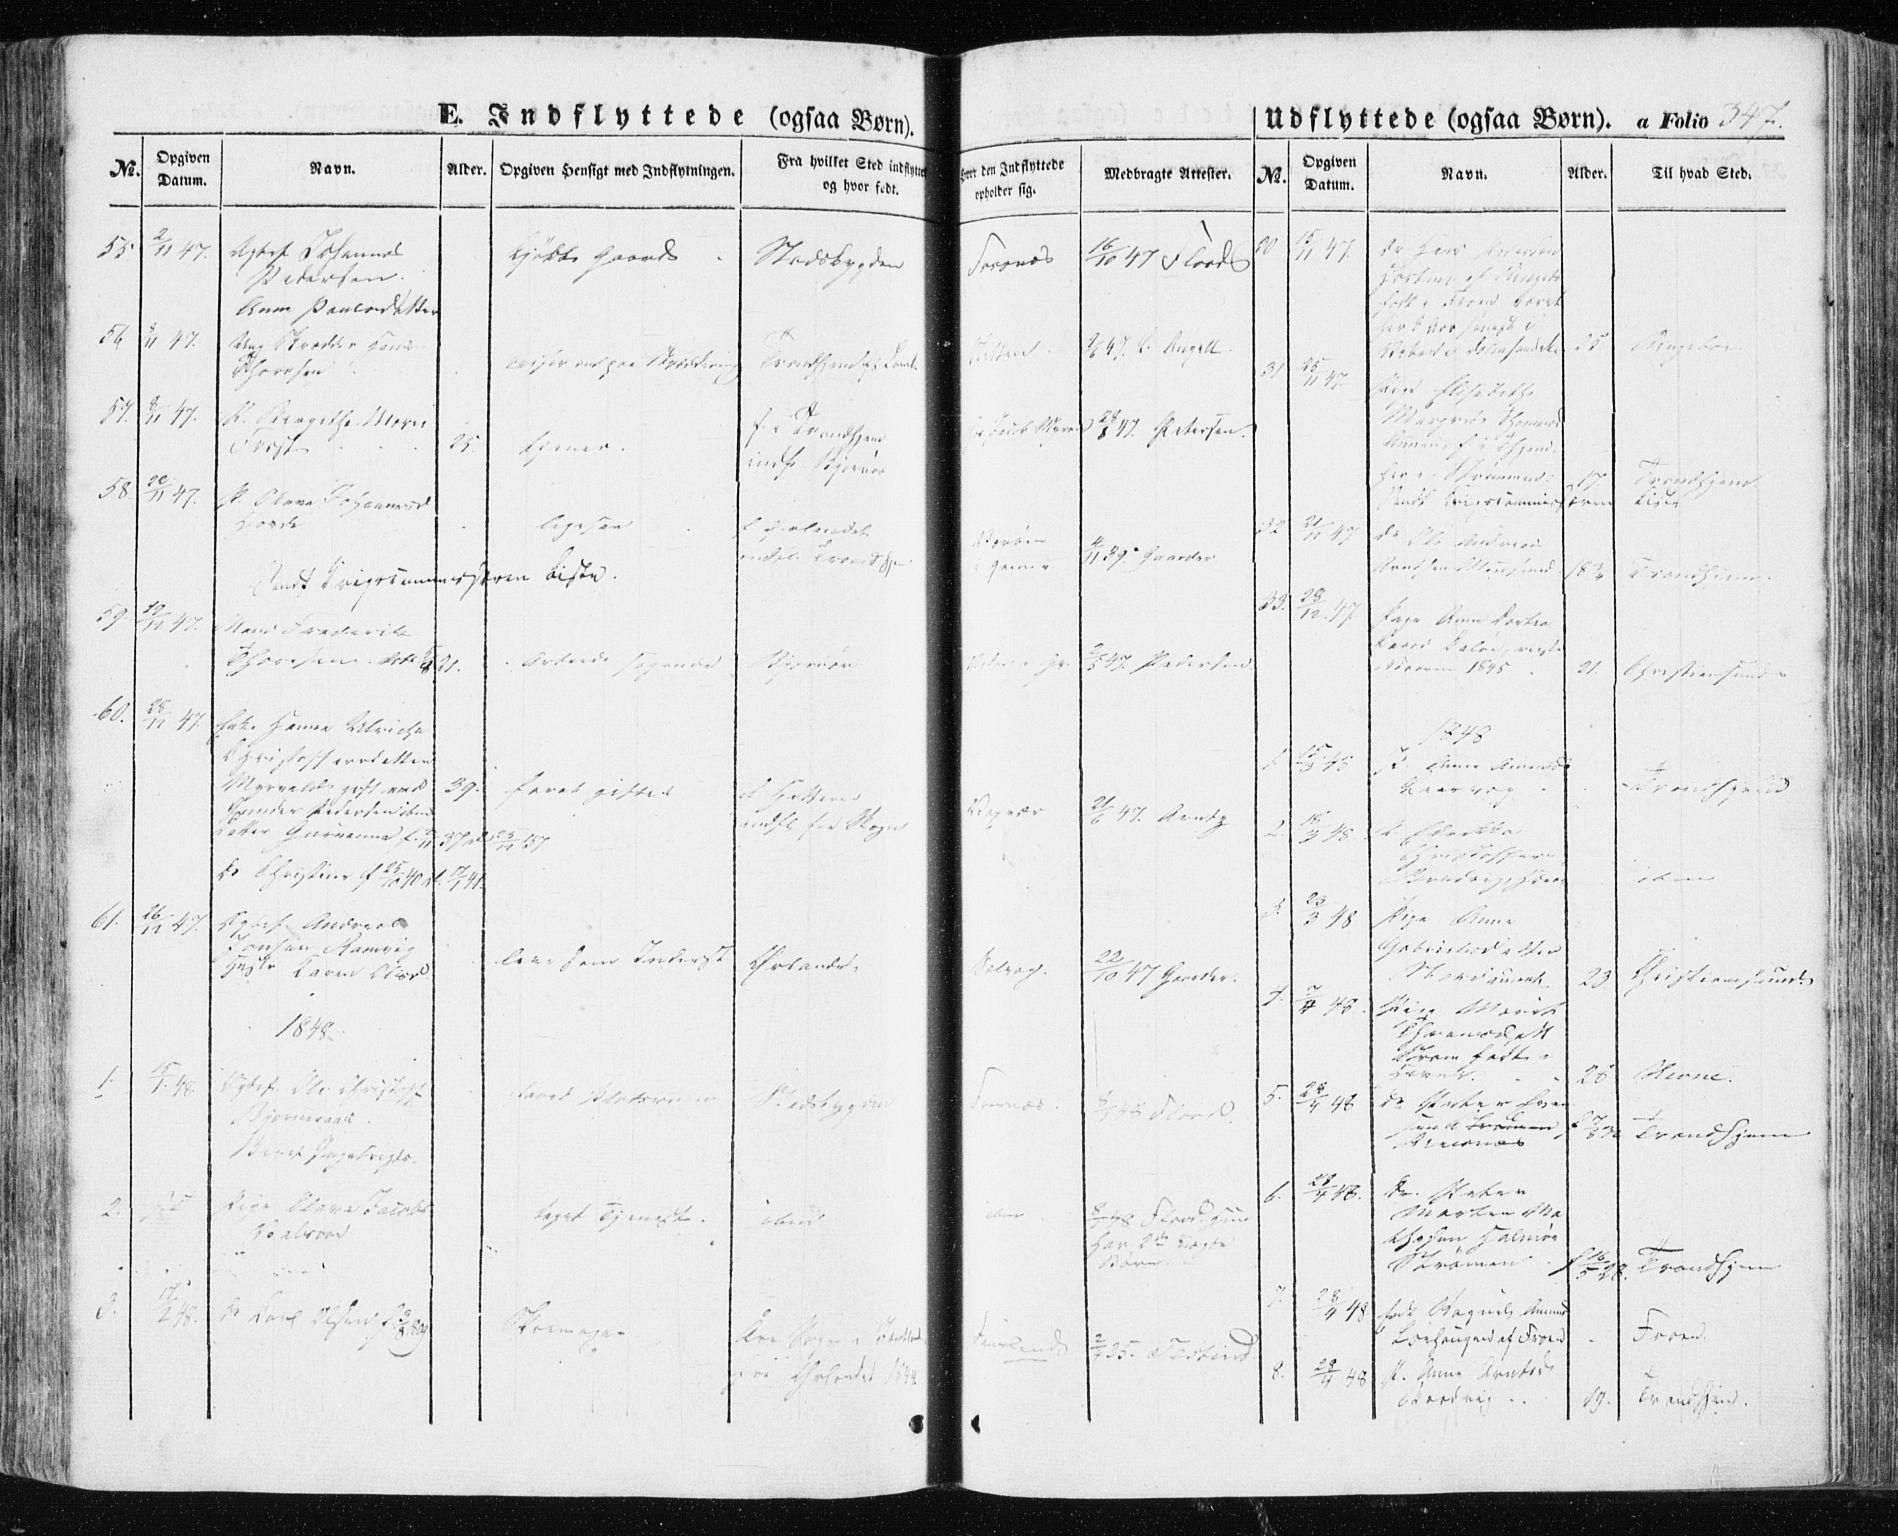 SAT, Ministerialprotokoller, klokkerbøker og fødselsregistre - Sør-Trøndelag, 634/L0529: Ministerialbok nr. 634A05, 1843-1851, s. 347